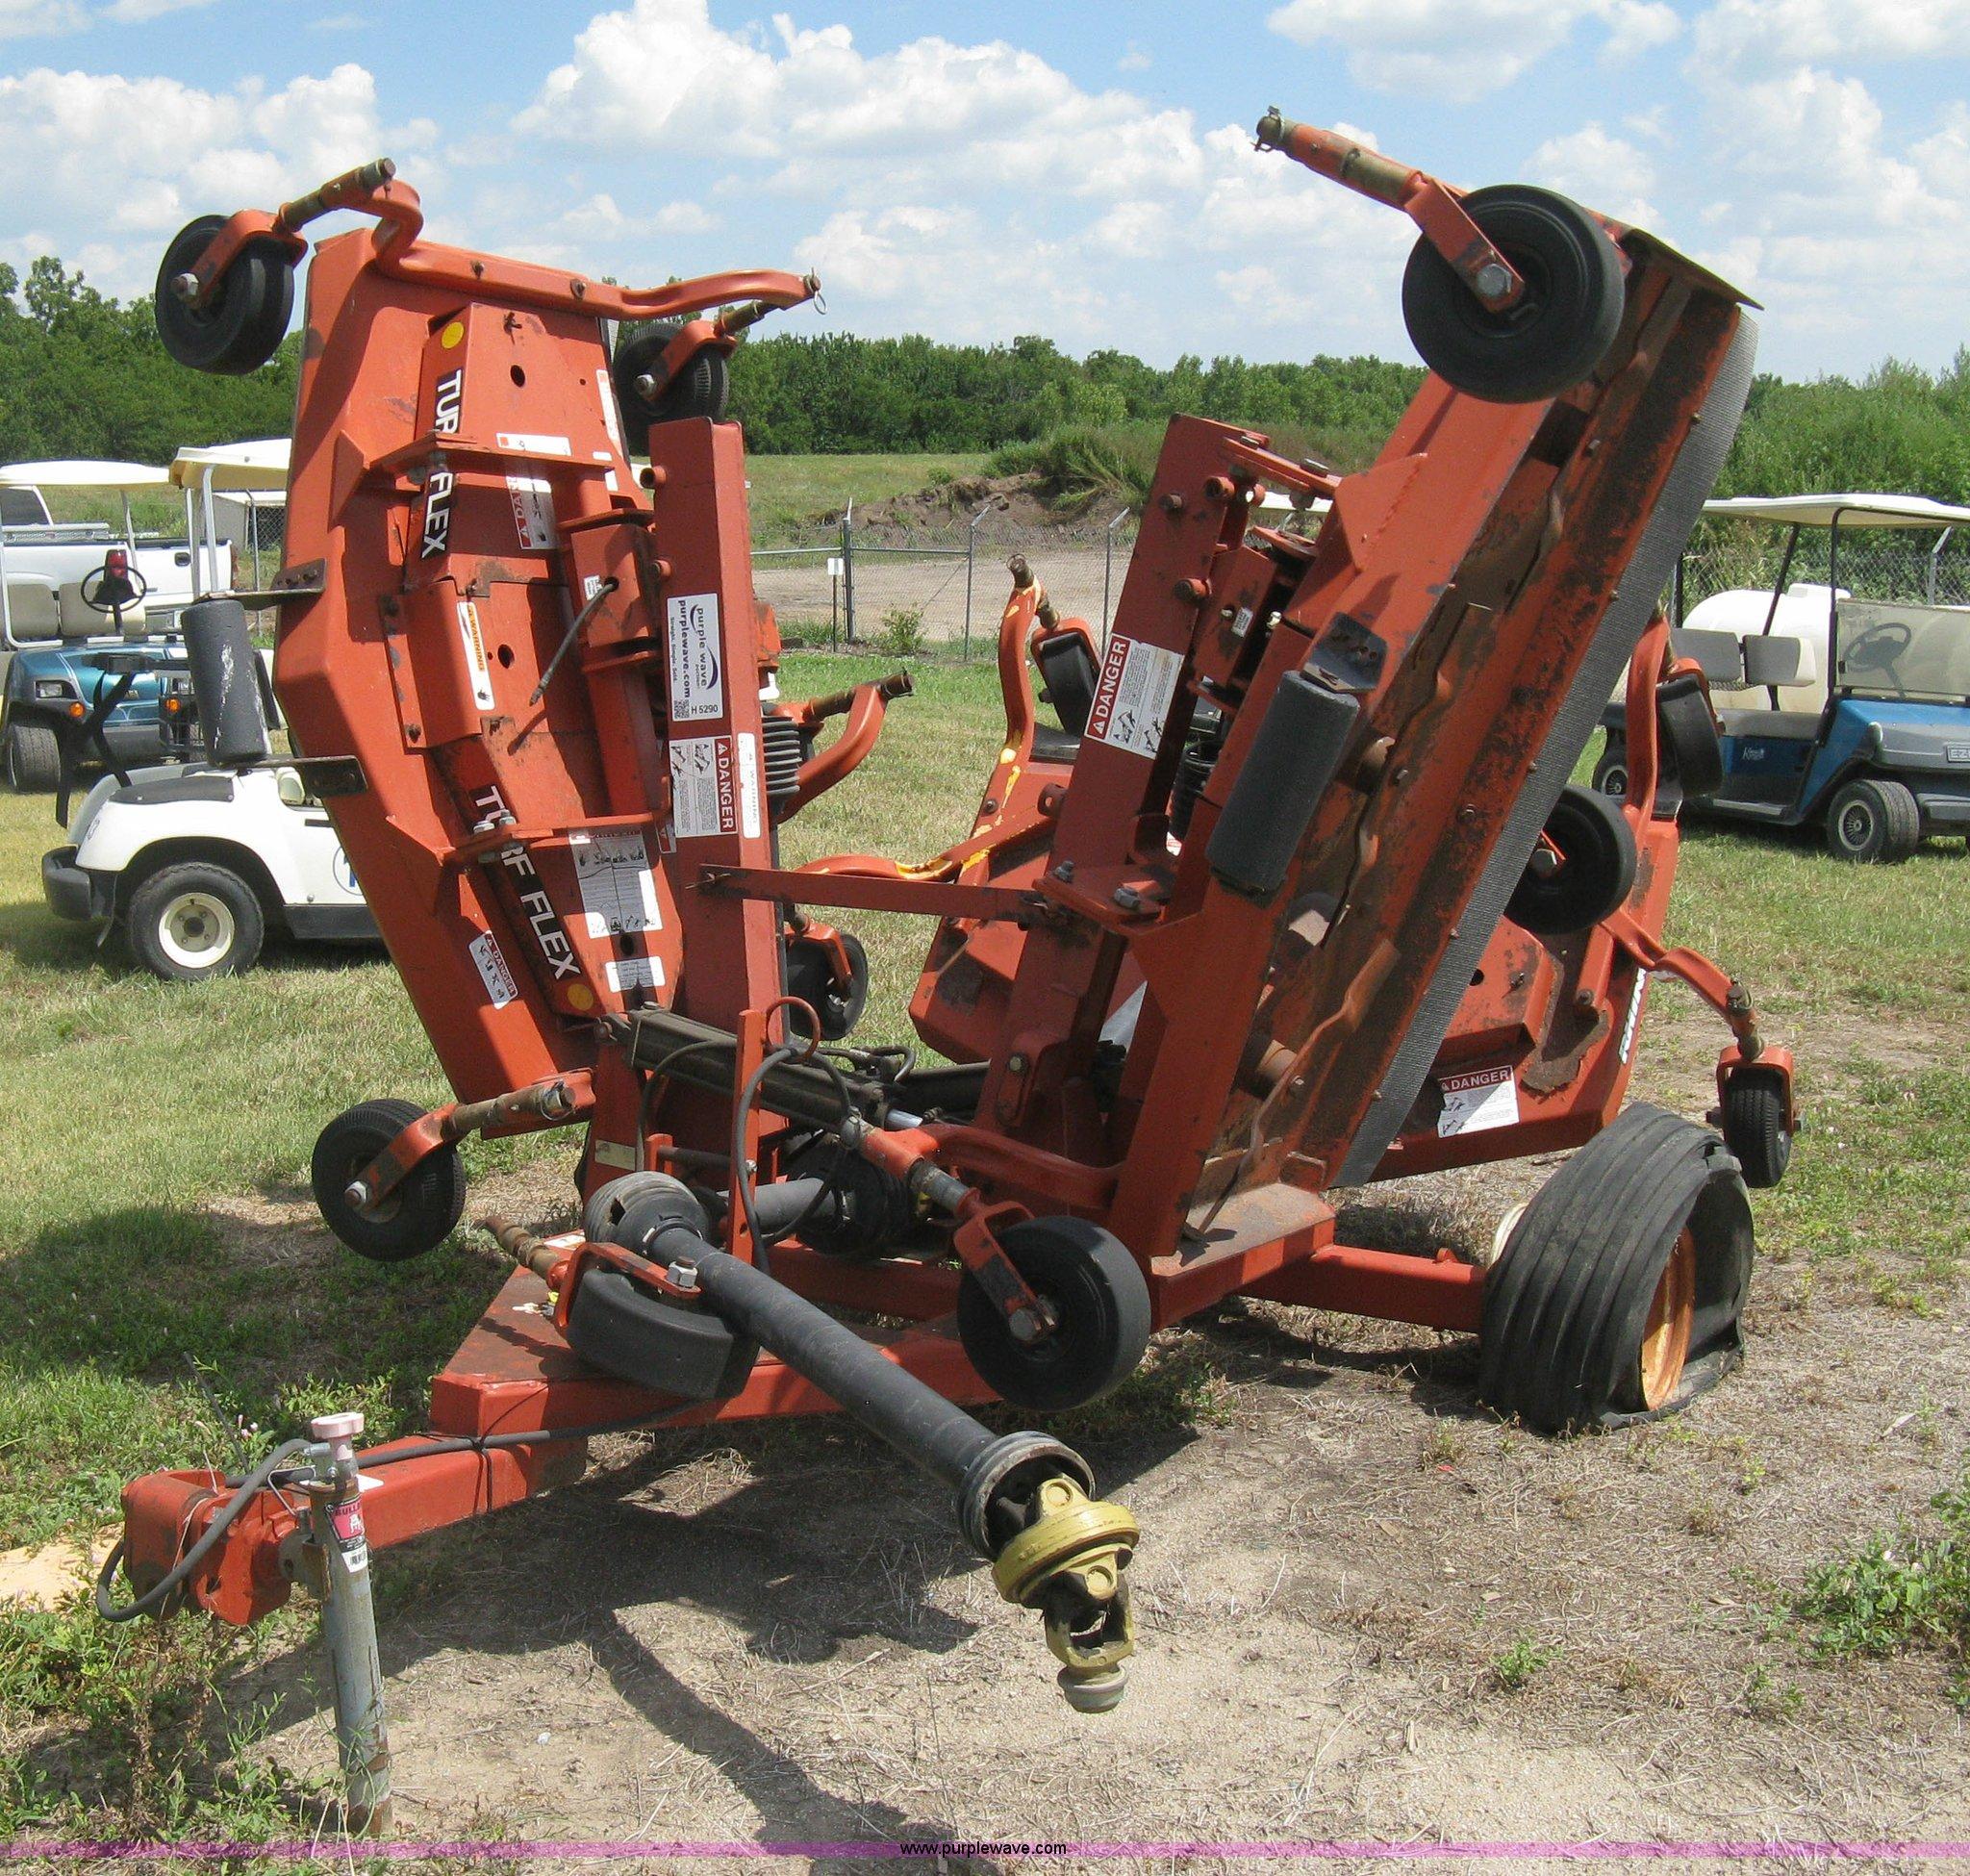 Rhino TX135 Turf Flex batwing mower | Item H5290 | SOLD! Sep